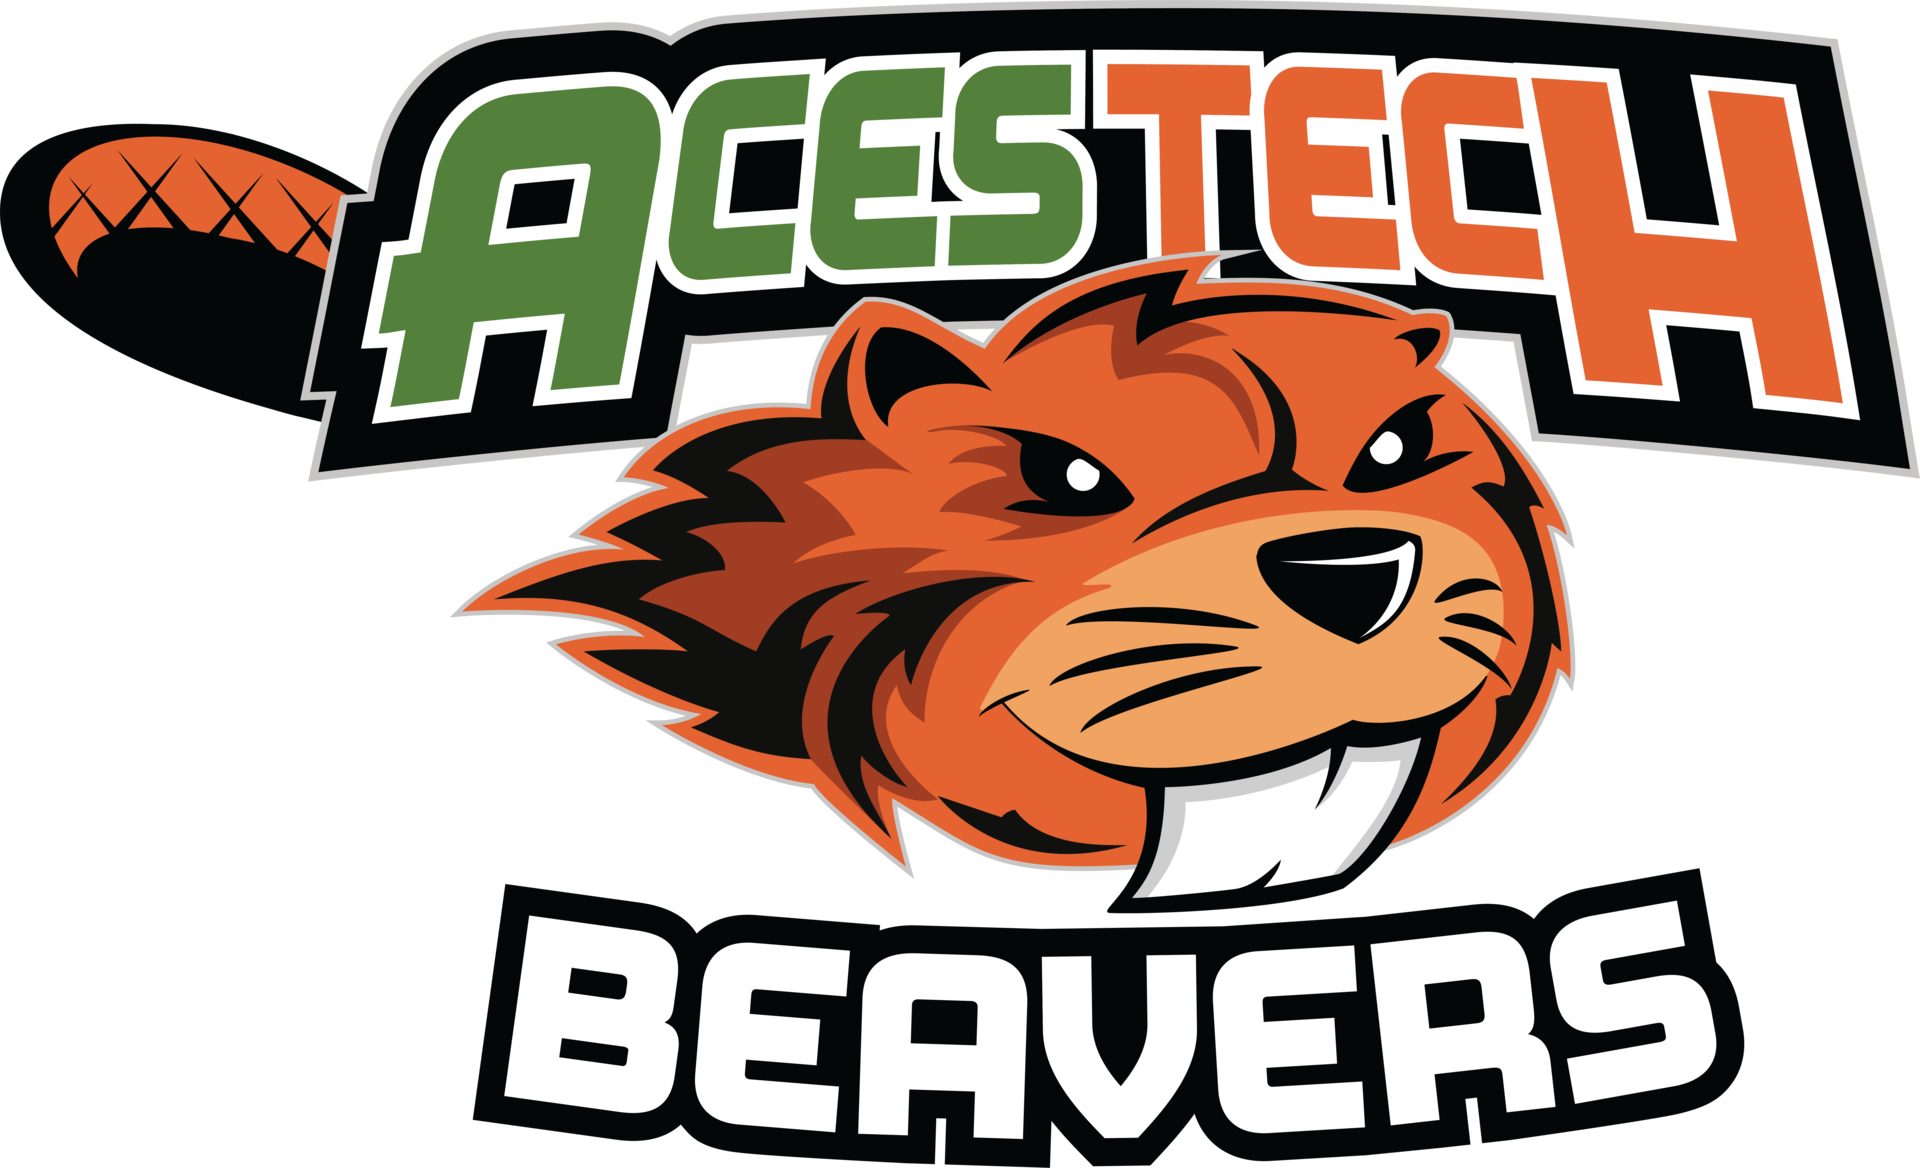 ACES Tech Beaver logo